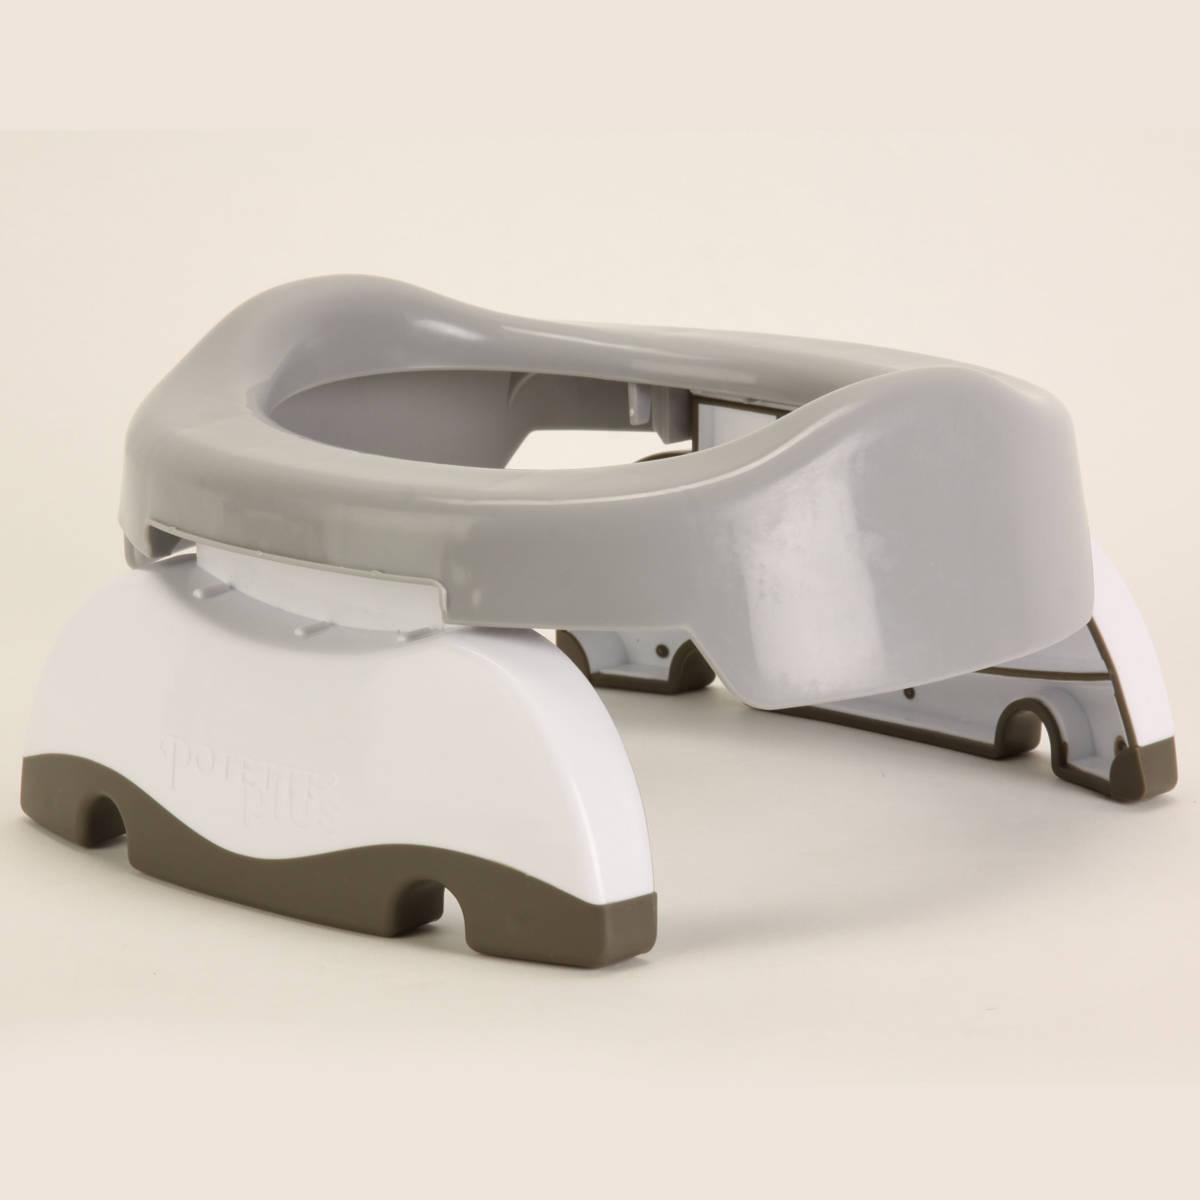 Potette plus 2-in-1 matkapotta/supistaja - Matkapotat ja lisävarusteet - 088161279855 - 2